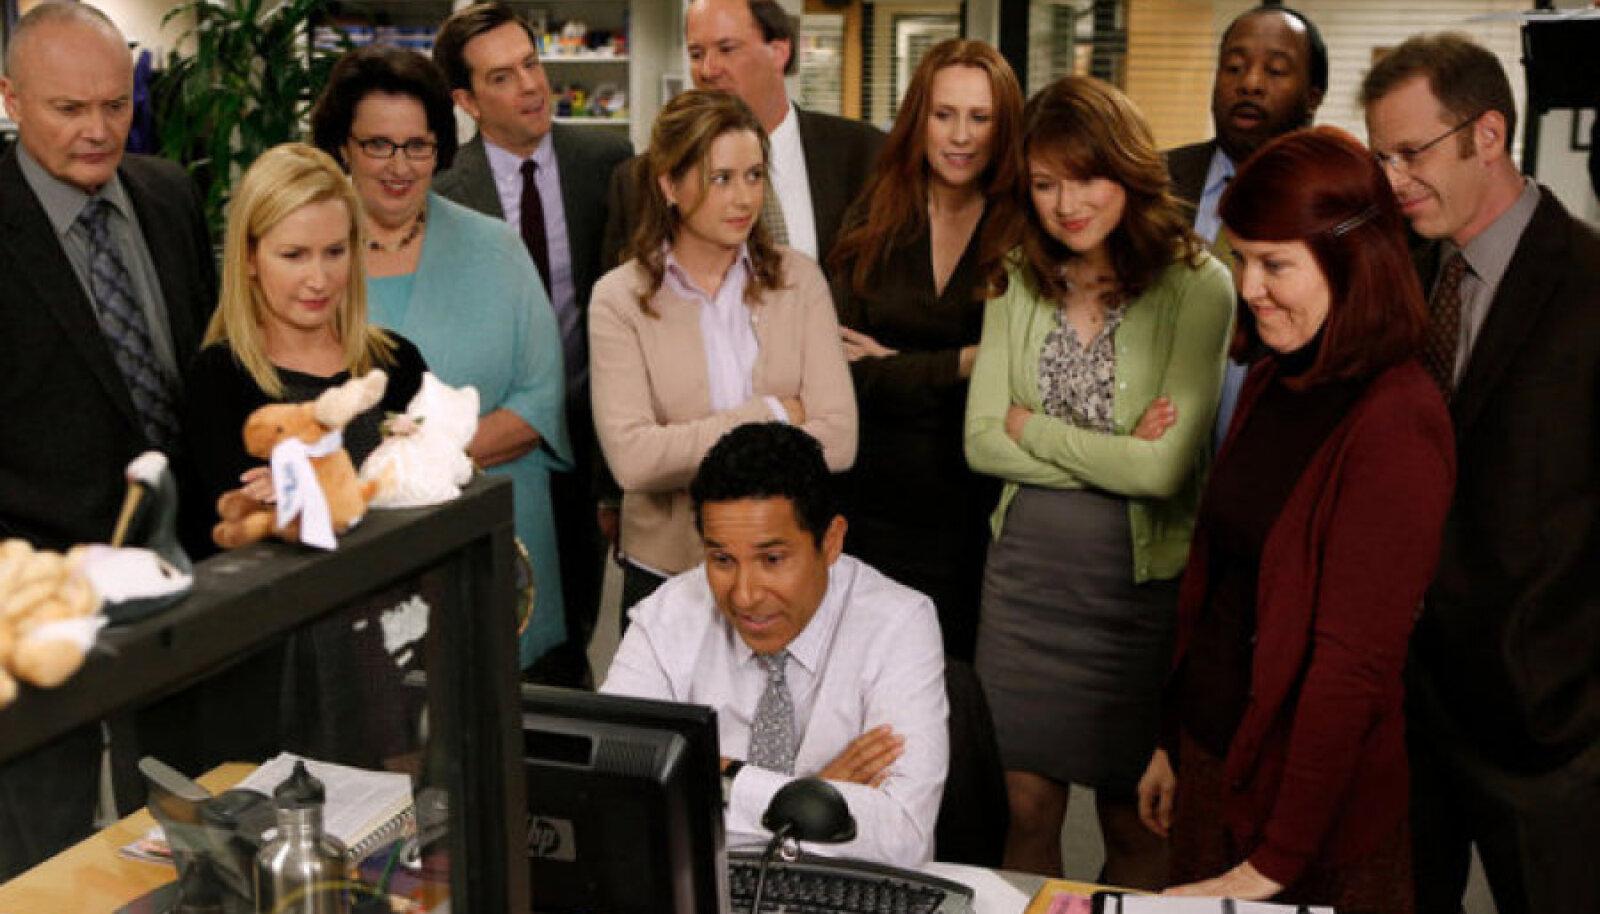 Kaader telesarjast The Office (Foto: NBC / Universal)